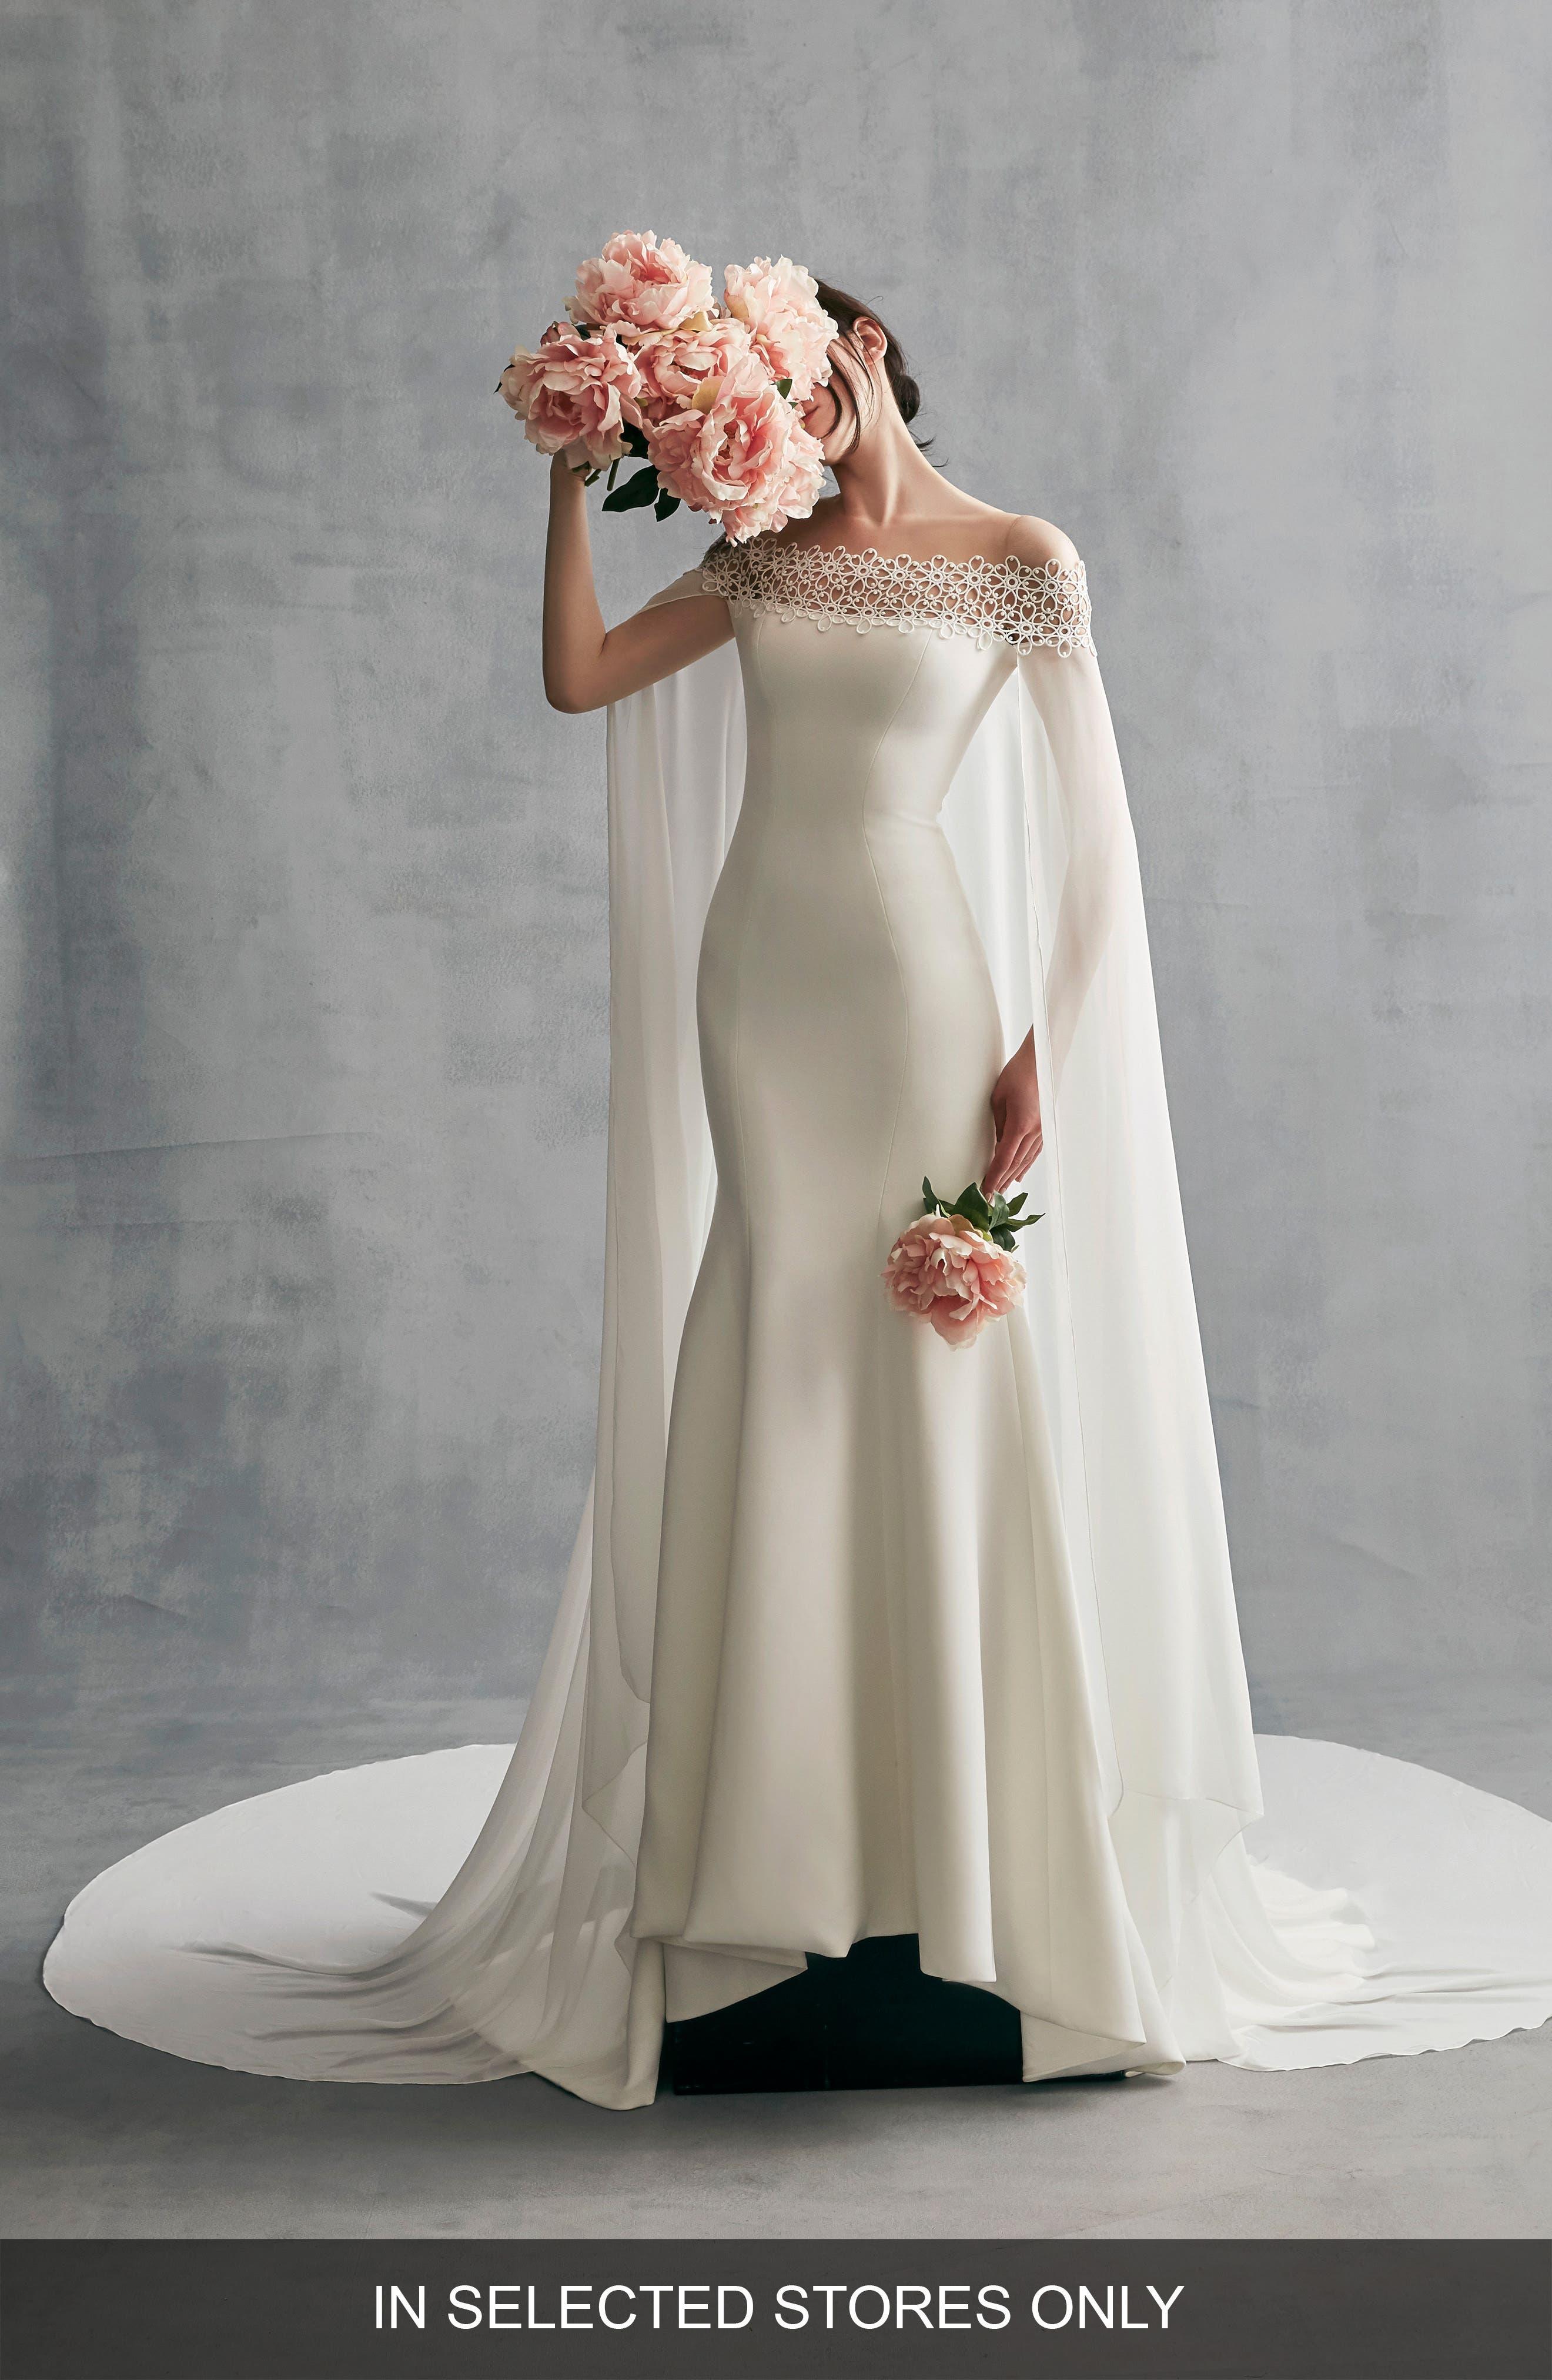 w.off the shoulder wedding dresses